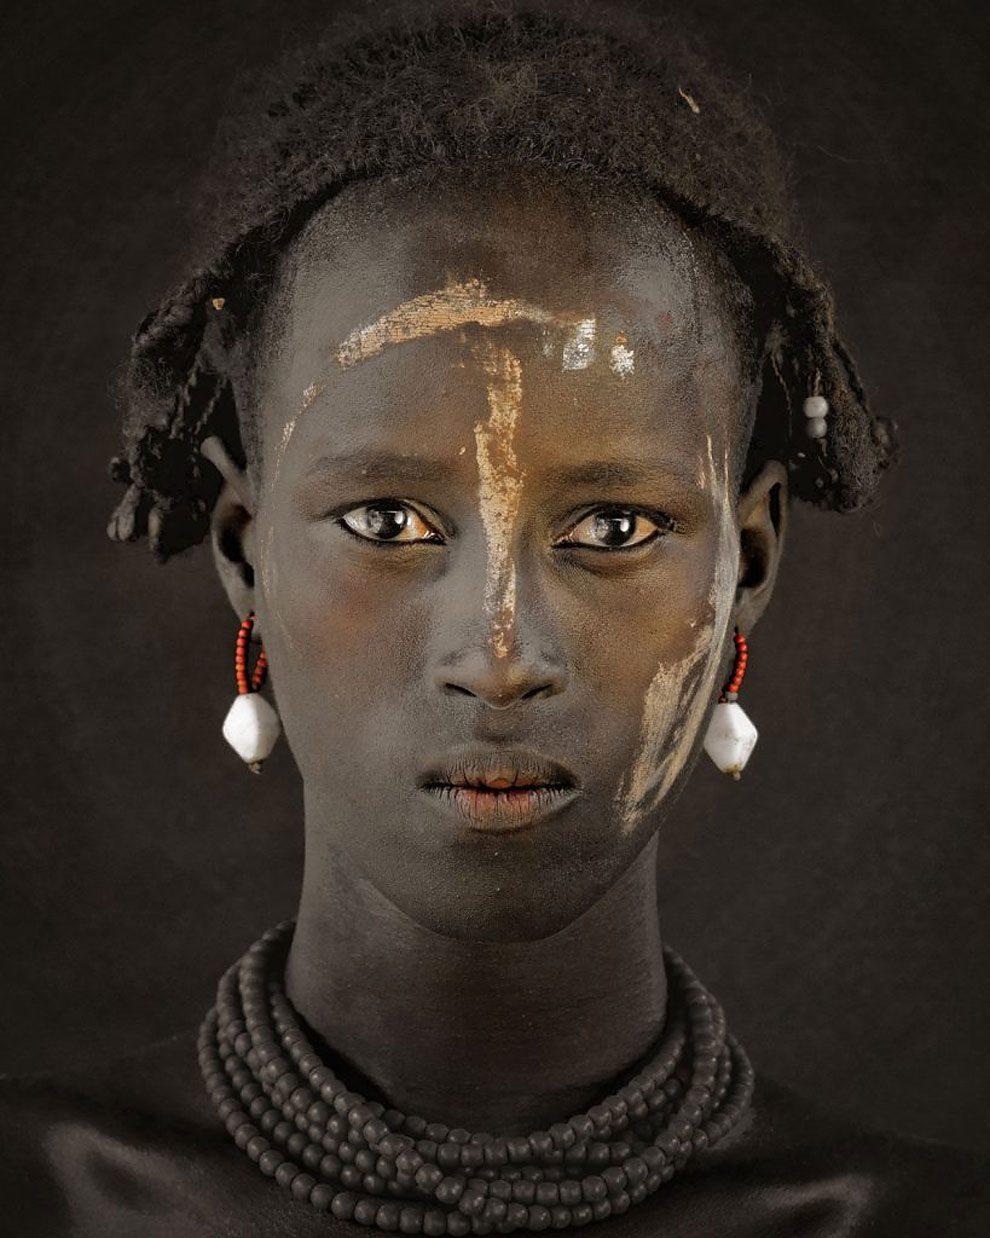 tribu-indigeni-mondo-fotografia-before-they-pass-away-jimmy-nelson-08